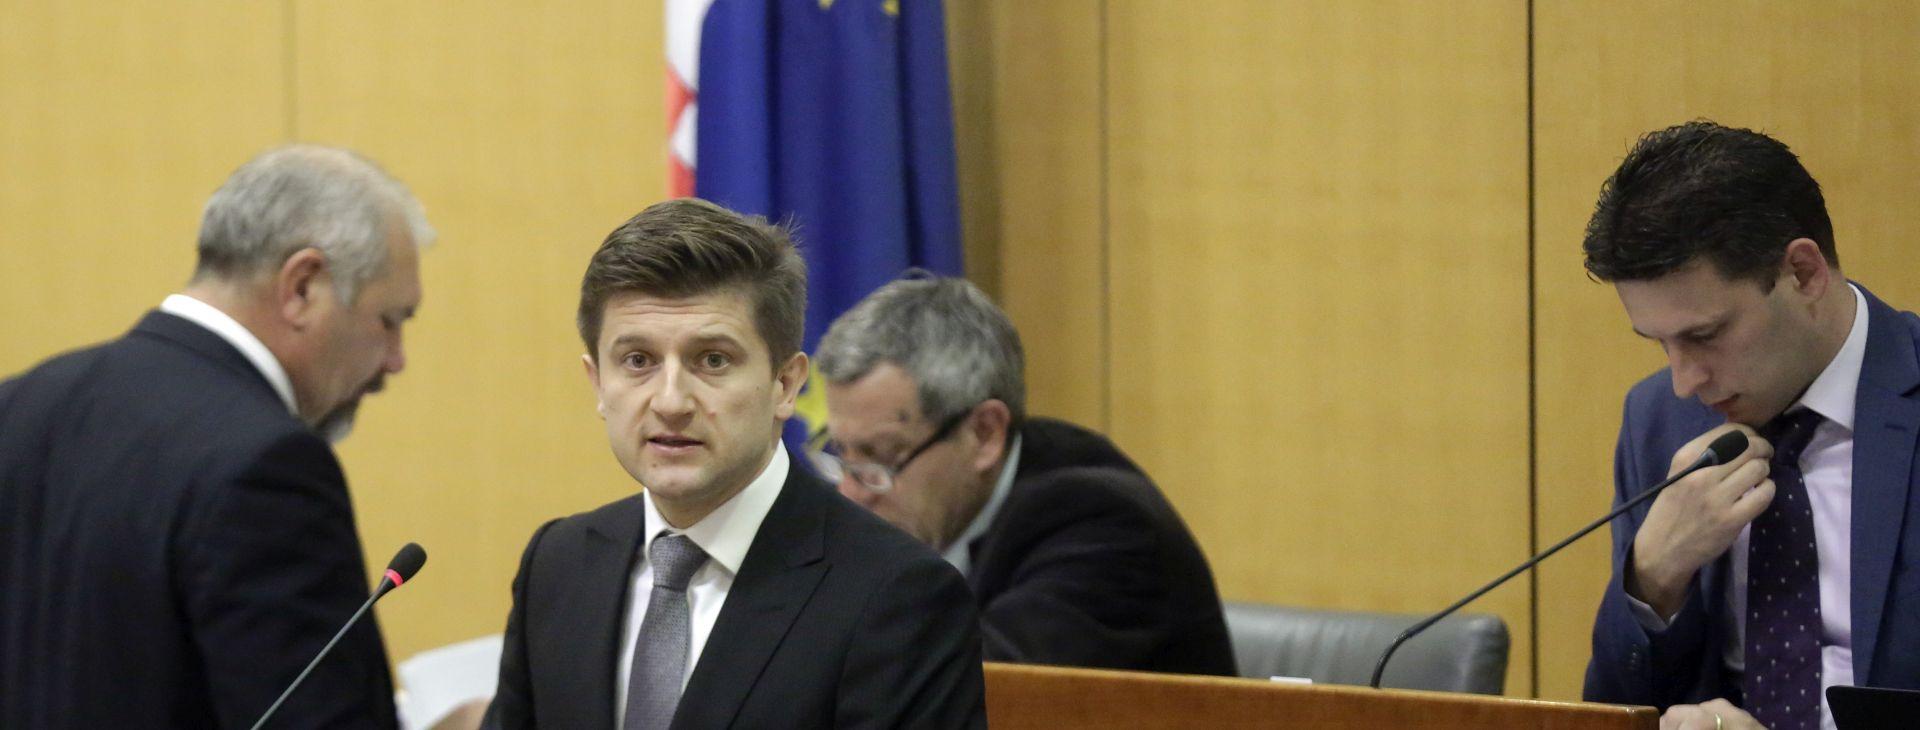 Marić u Saboru predstavio porezni paket